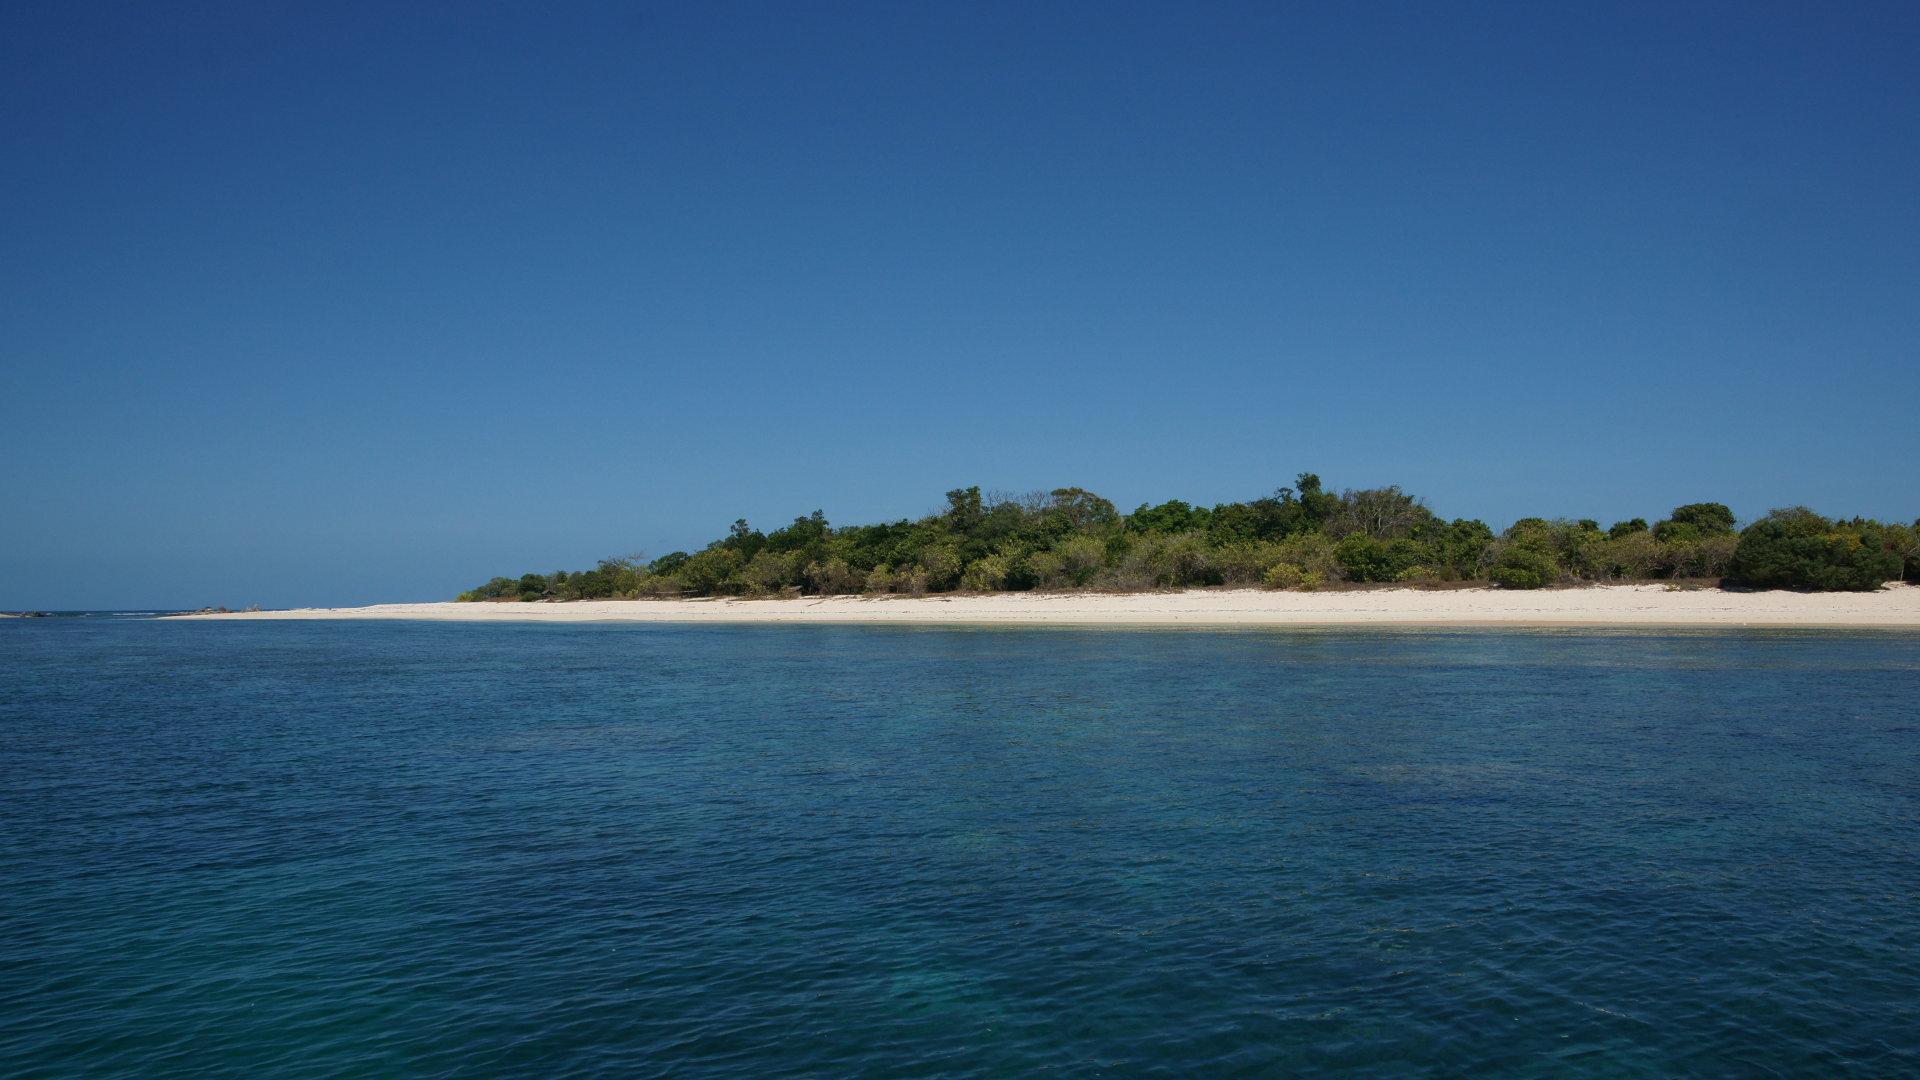 Beach Island: Tropical Island Beach 1080p